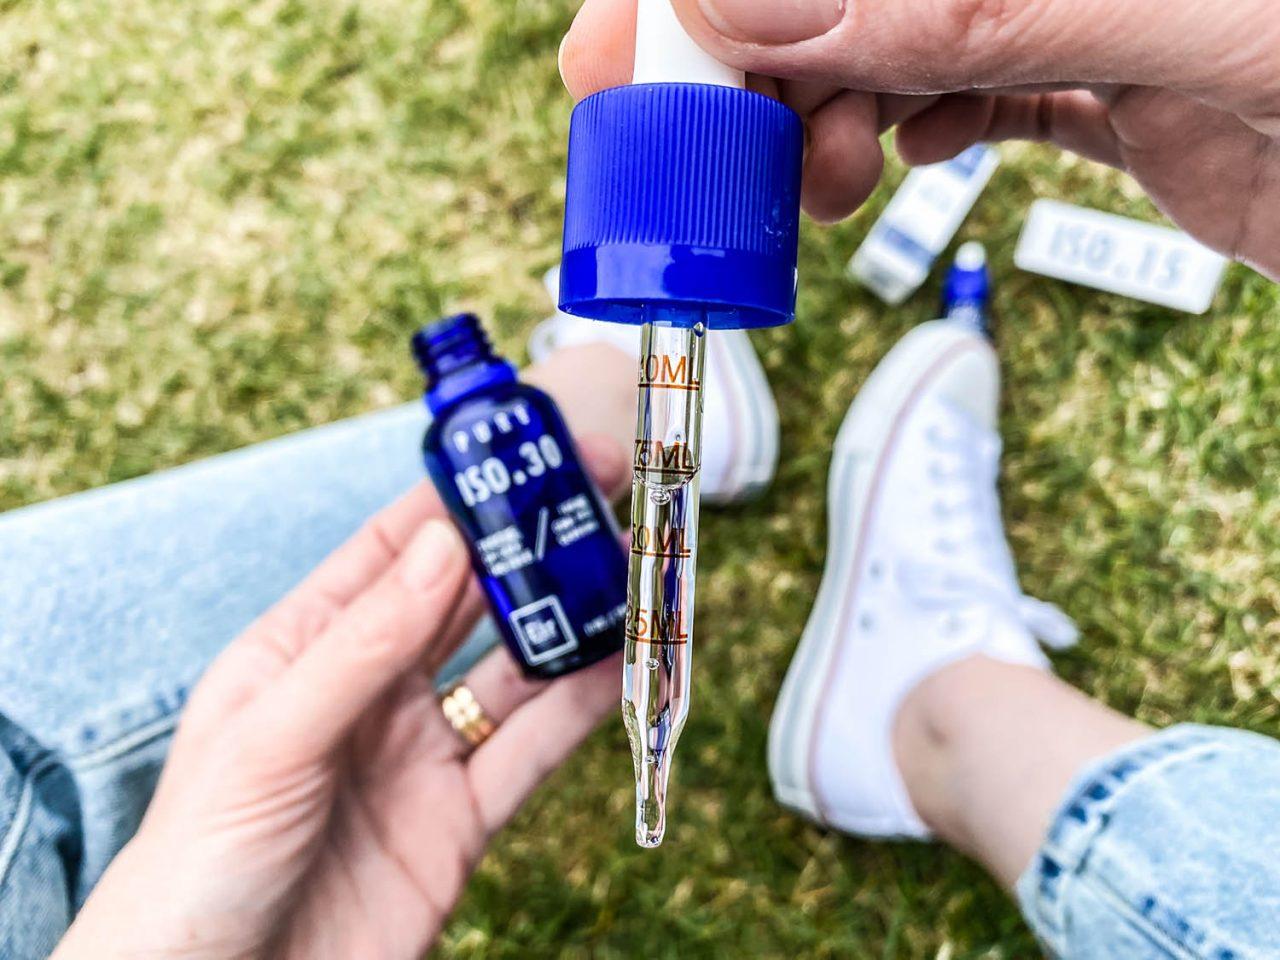 izolat CBD wyjęty z buteleczki